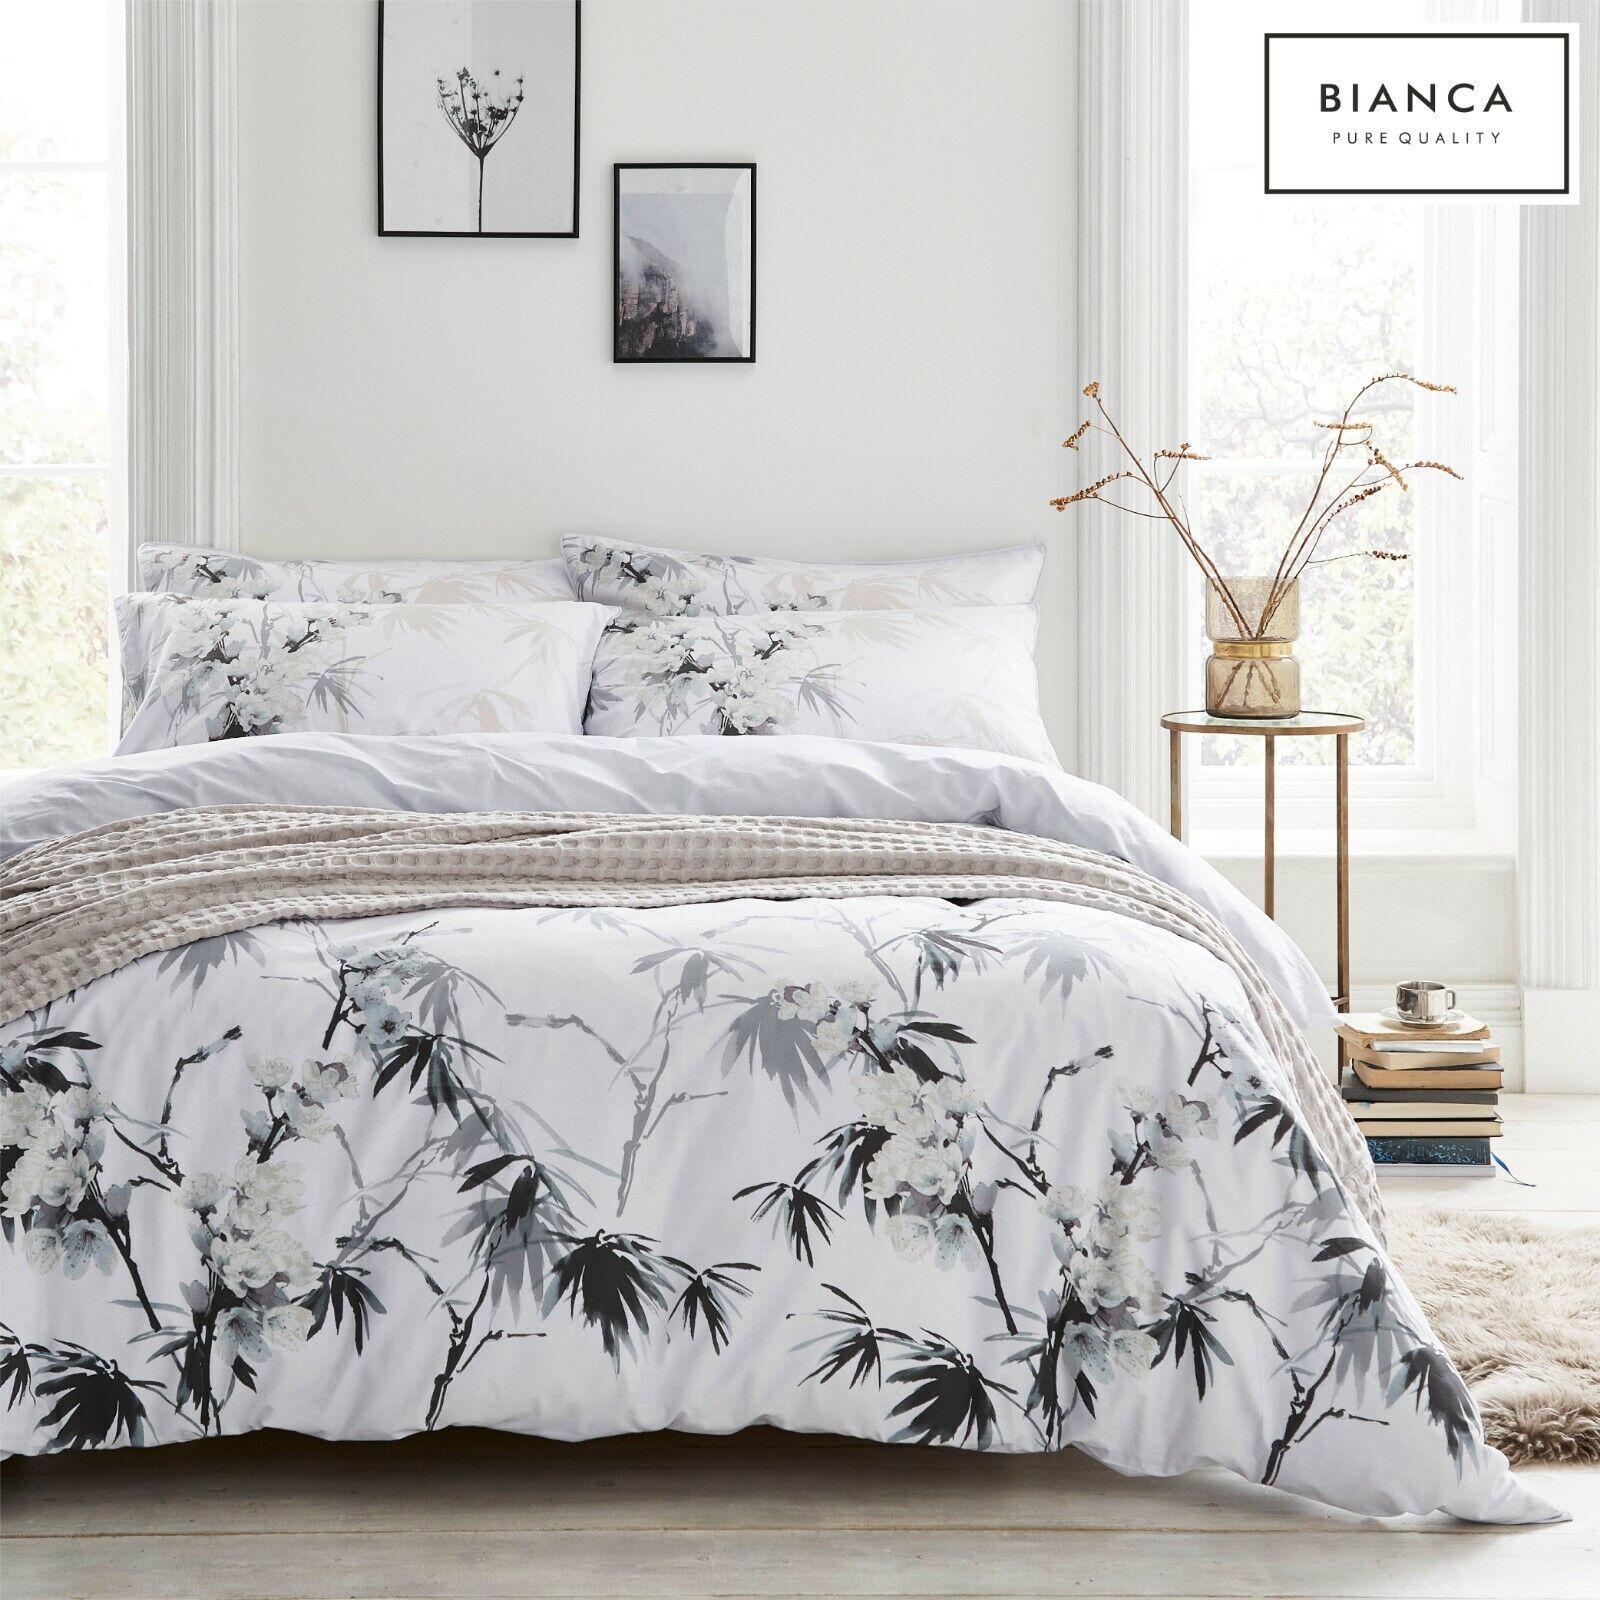 Bianca GEO COTTON PRINT 100/% Cotton Soft Duvet Cover//Quilt Cover Set Grey